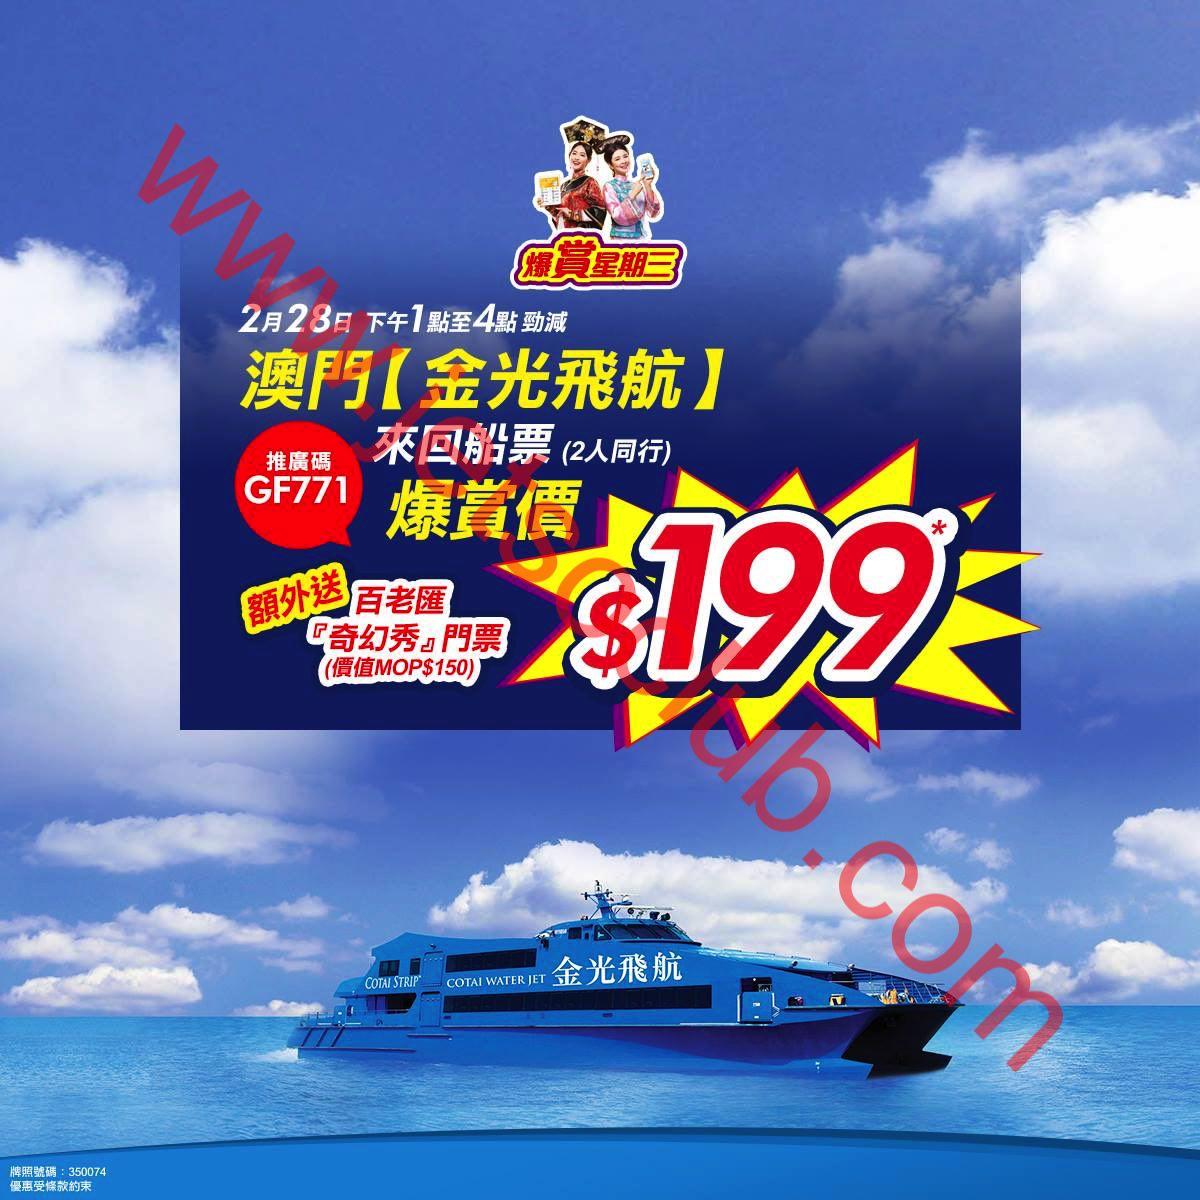 永安旅遊:澳門來回船票 $199(發售:28/2) ( Jetso Club 著數俱樂部 )